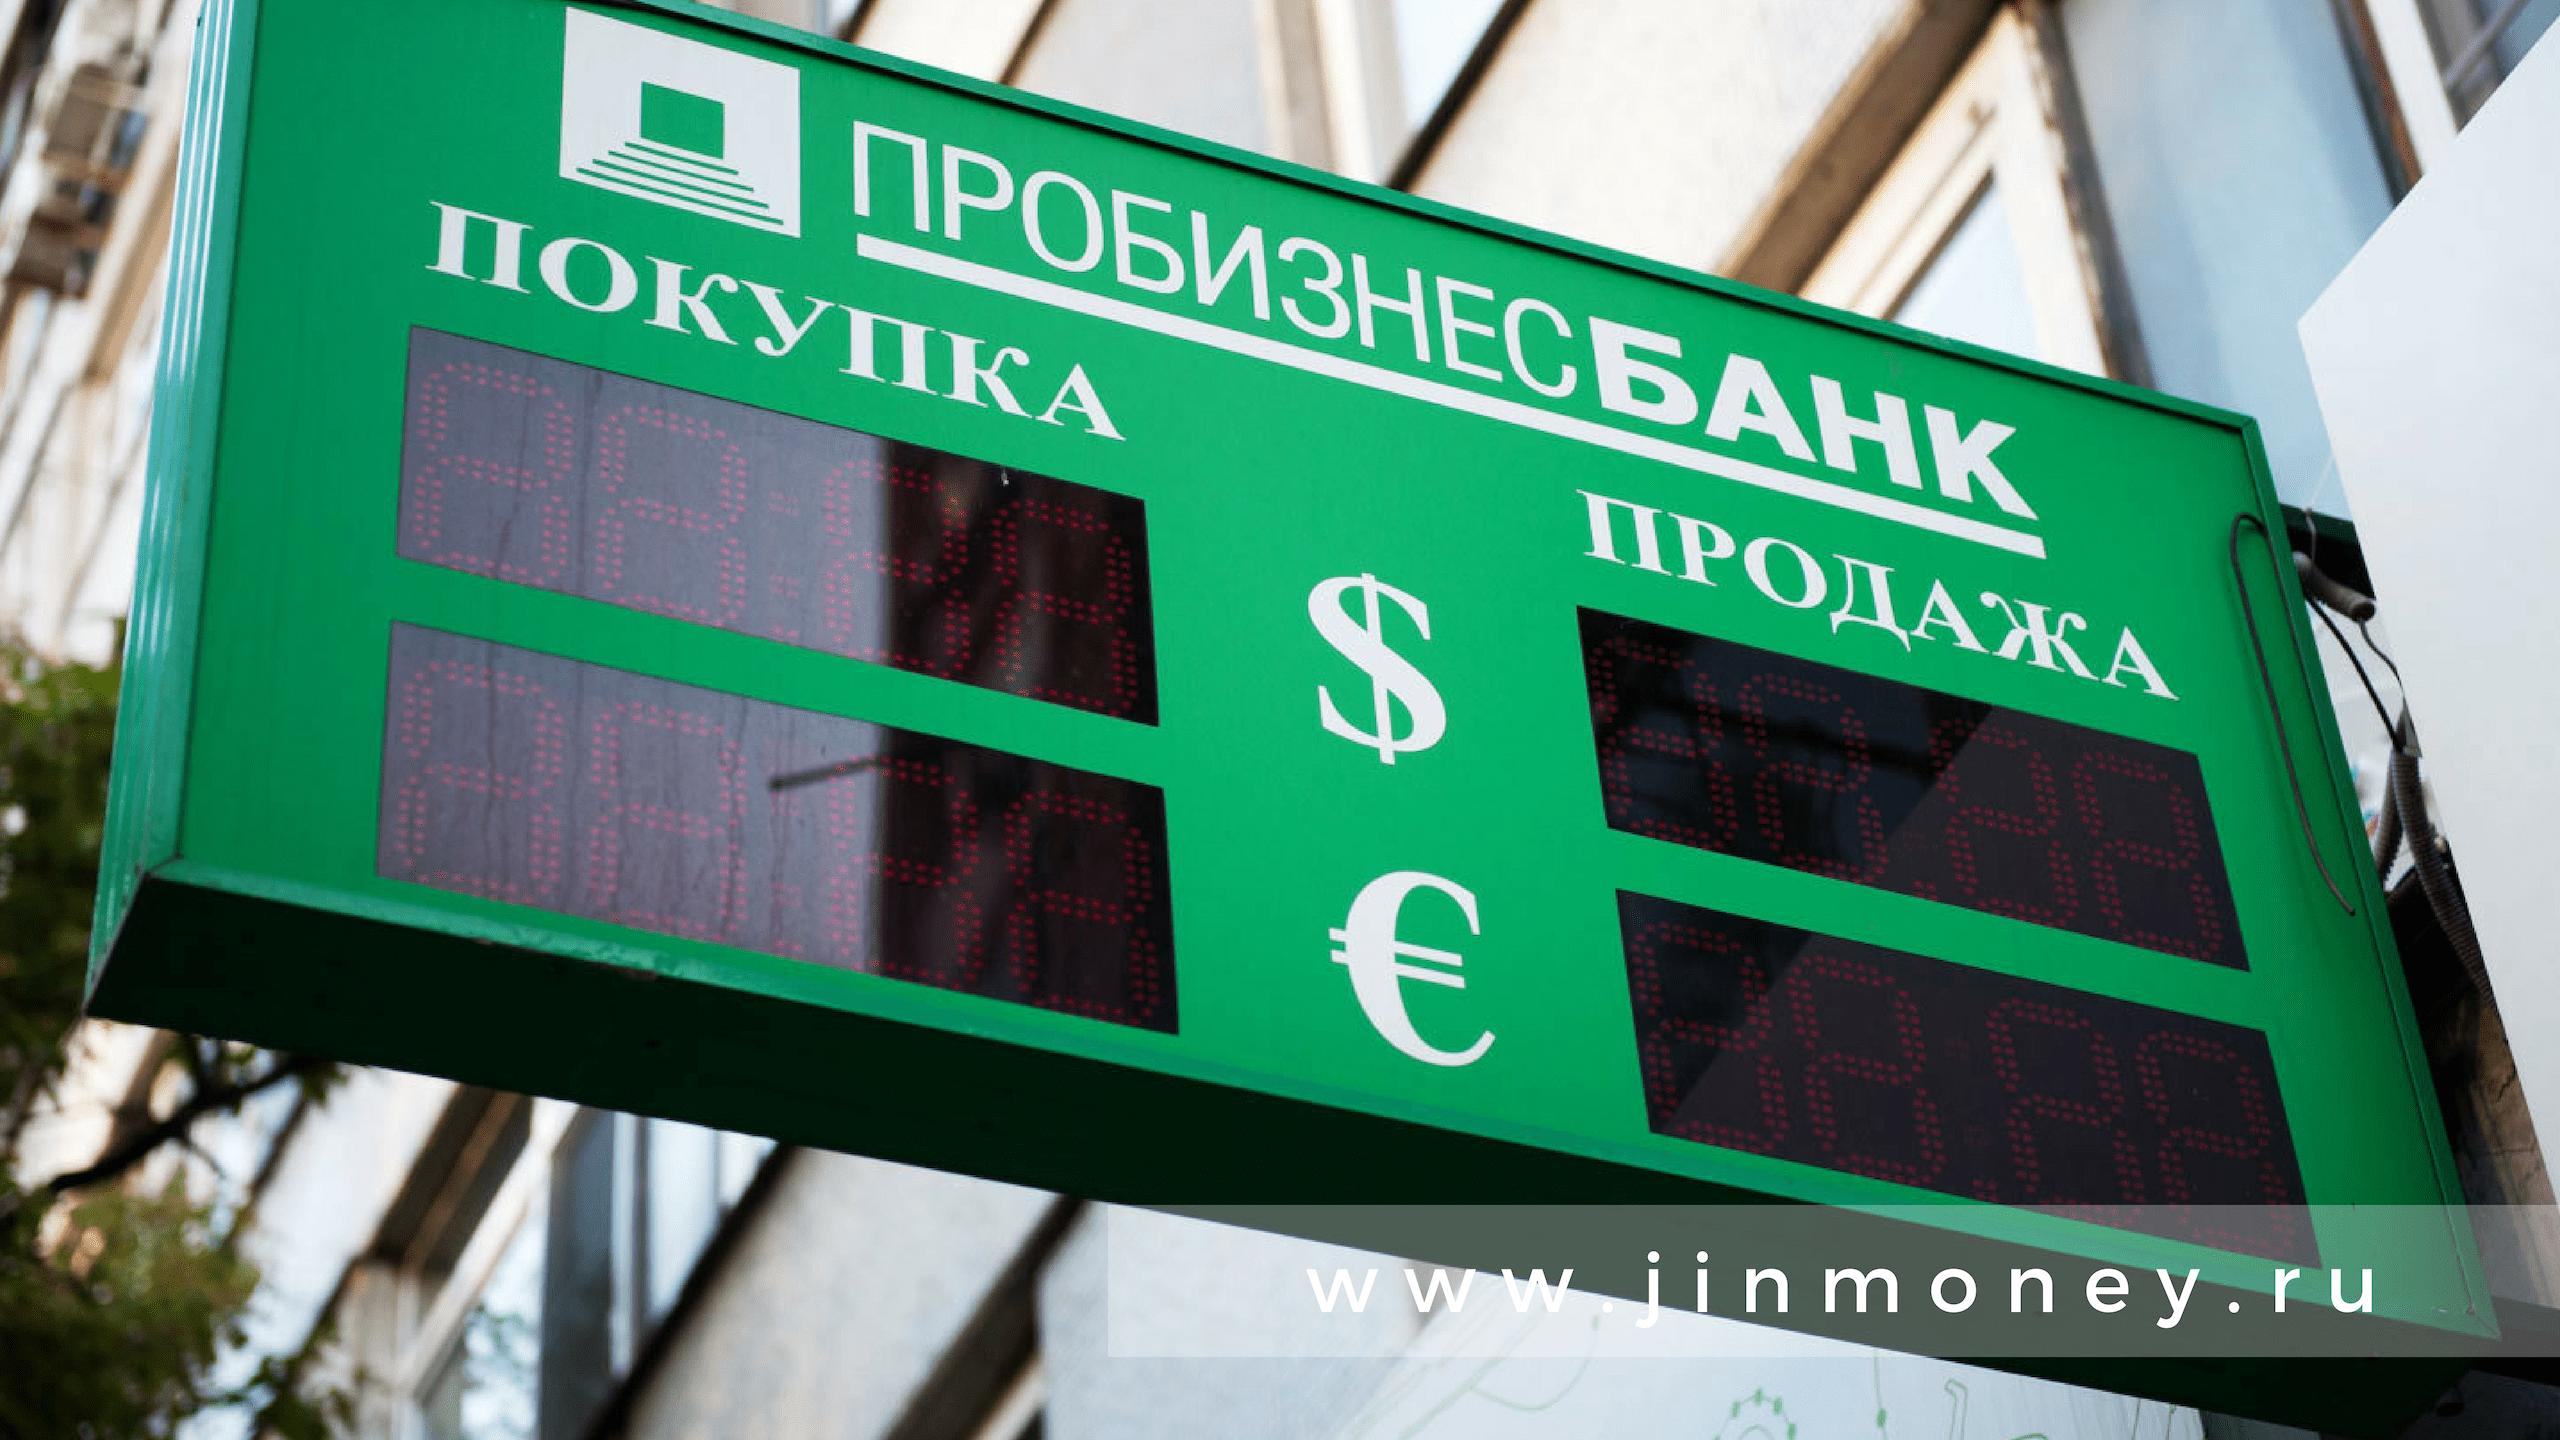 дело о хищении 600 миллионов рублей